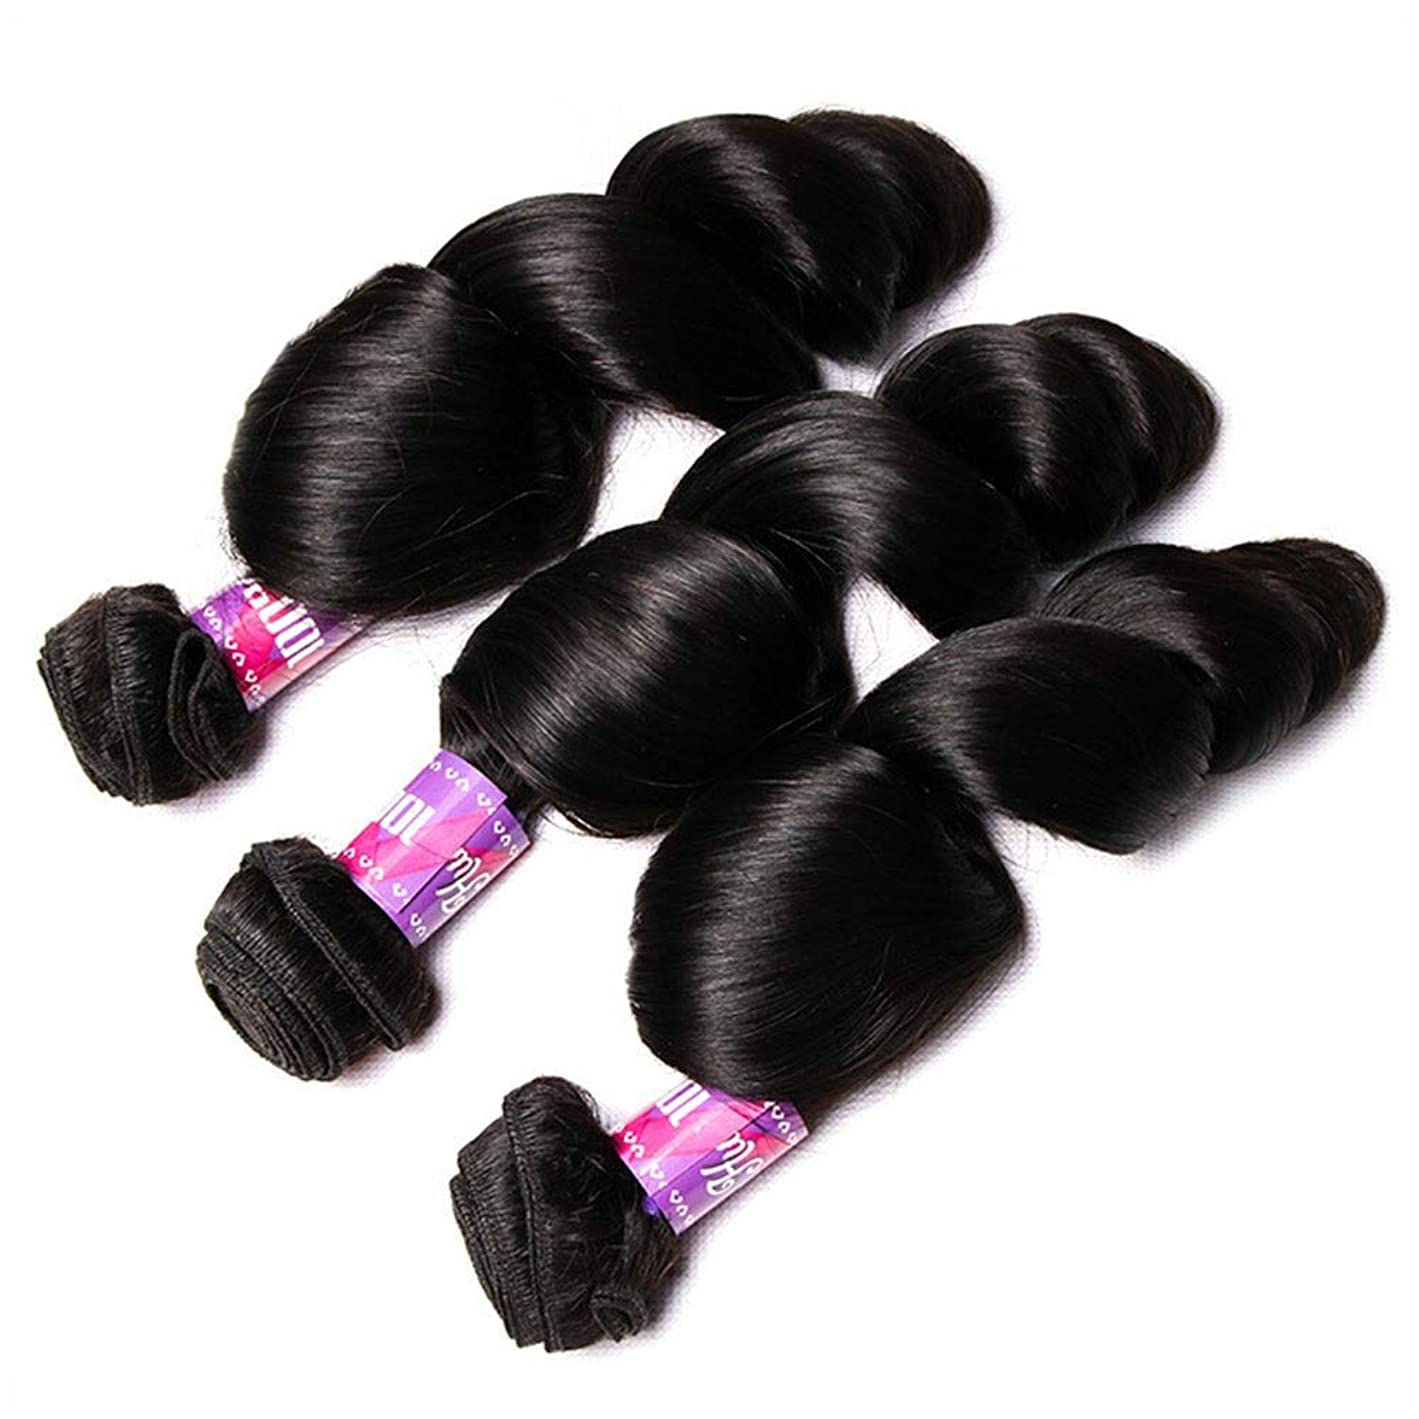 半導体社会主義資料Yrattary 女性のスパイラルカーリー人間の髪の束ルーズカーリー織り100%未処理ブラジル人毛女性複合かつらレースかつらロールプレイングかつら (色 : 黒, サイズ : 24 inch)